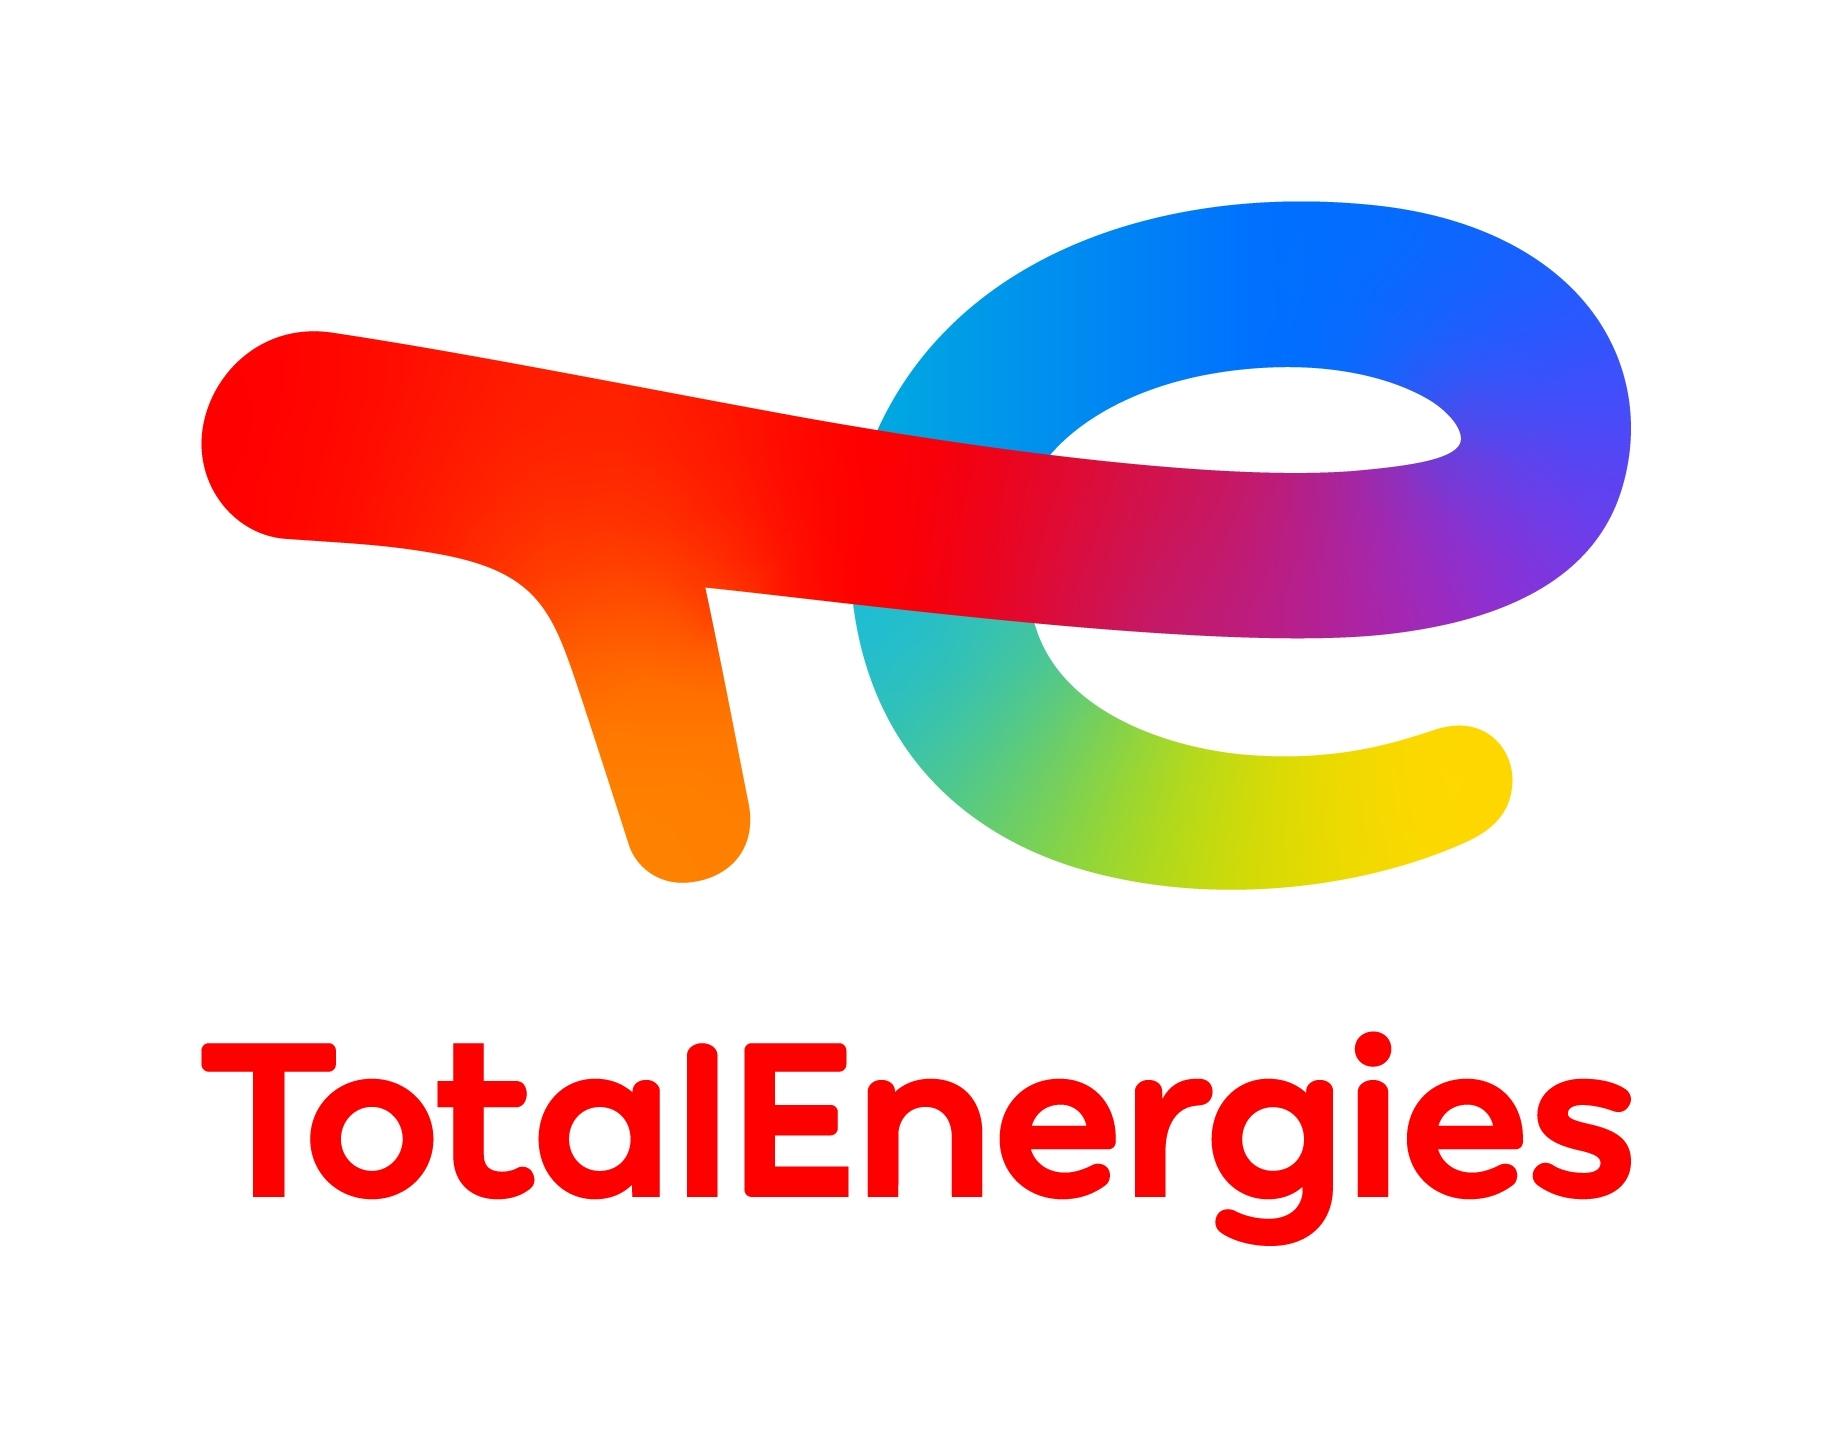 La nueva imagen de TotalEnergies